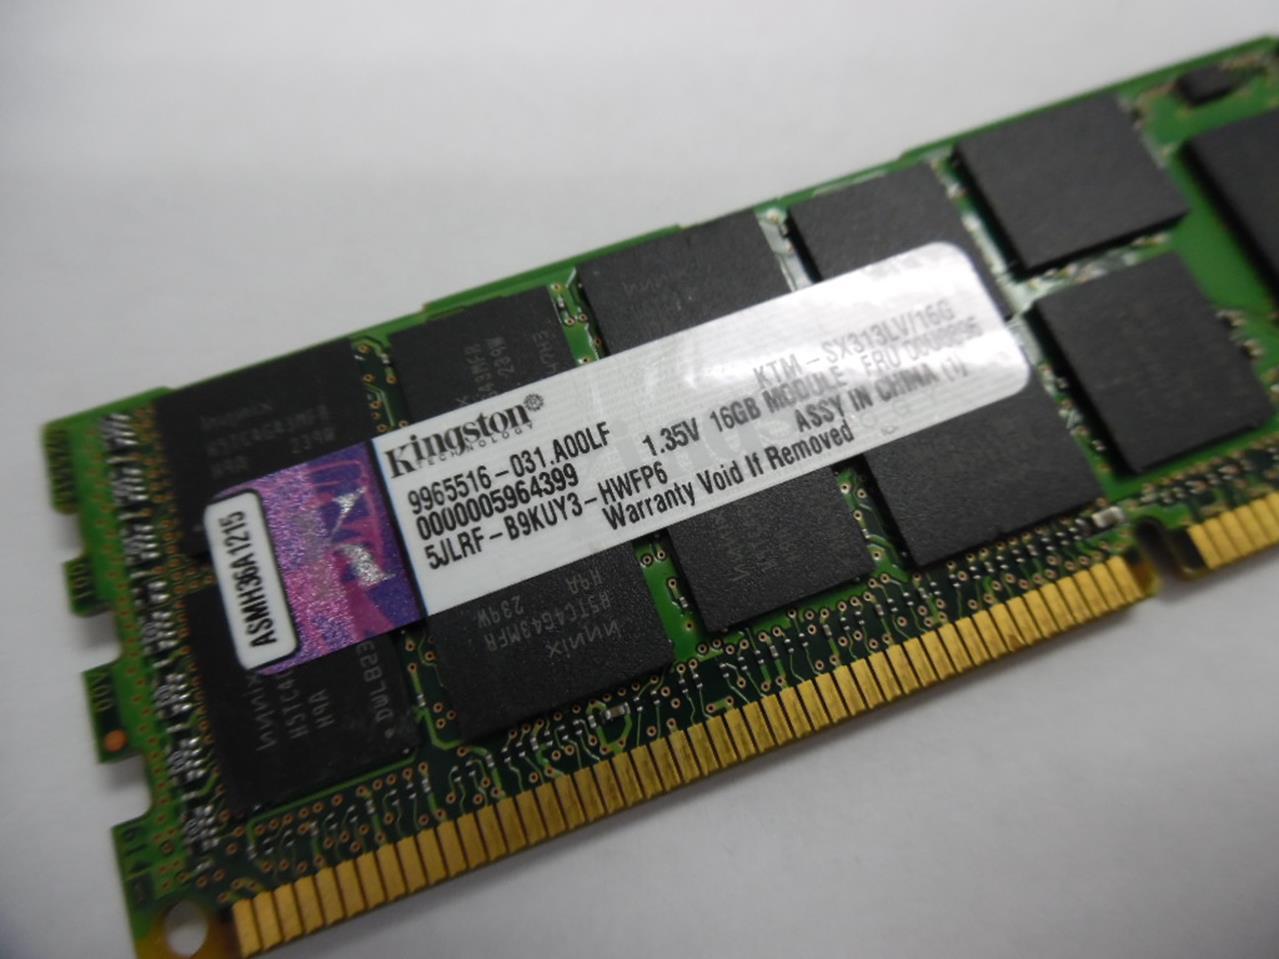 KINGSTON KTM-SX313LV//16G 16GB 2Rx4 PC3L-10600R MEMORY MODULE